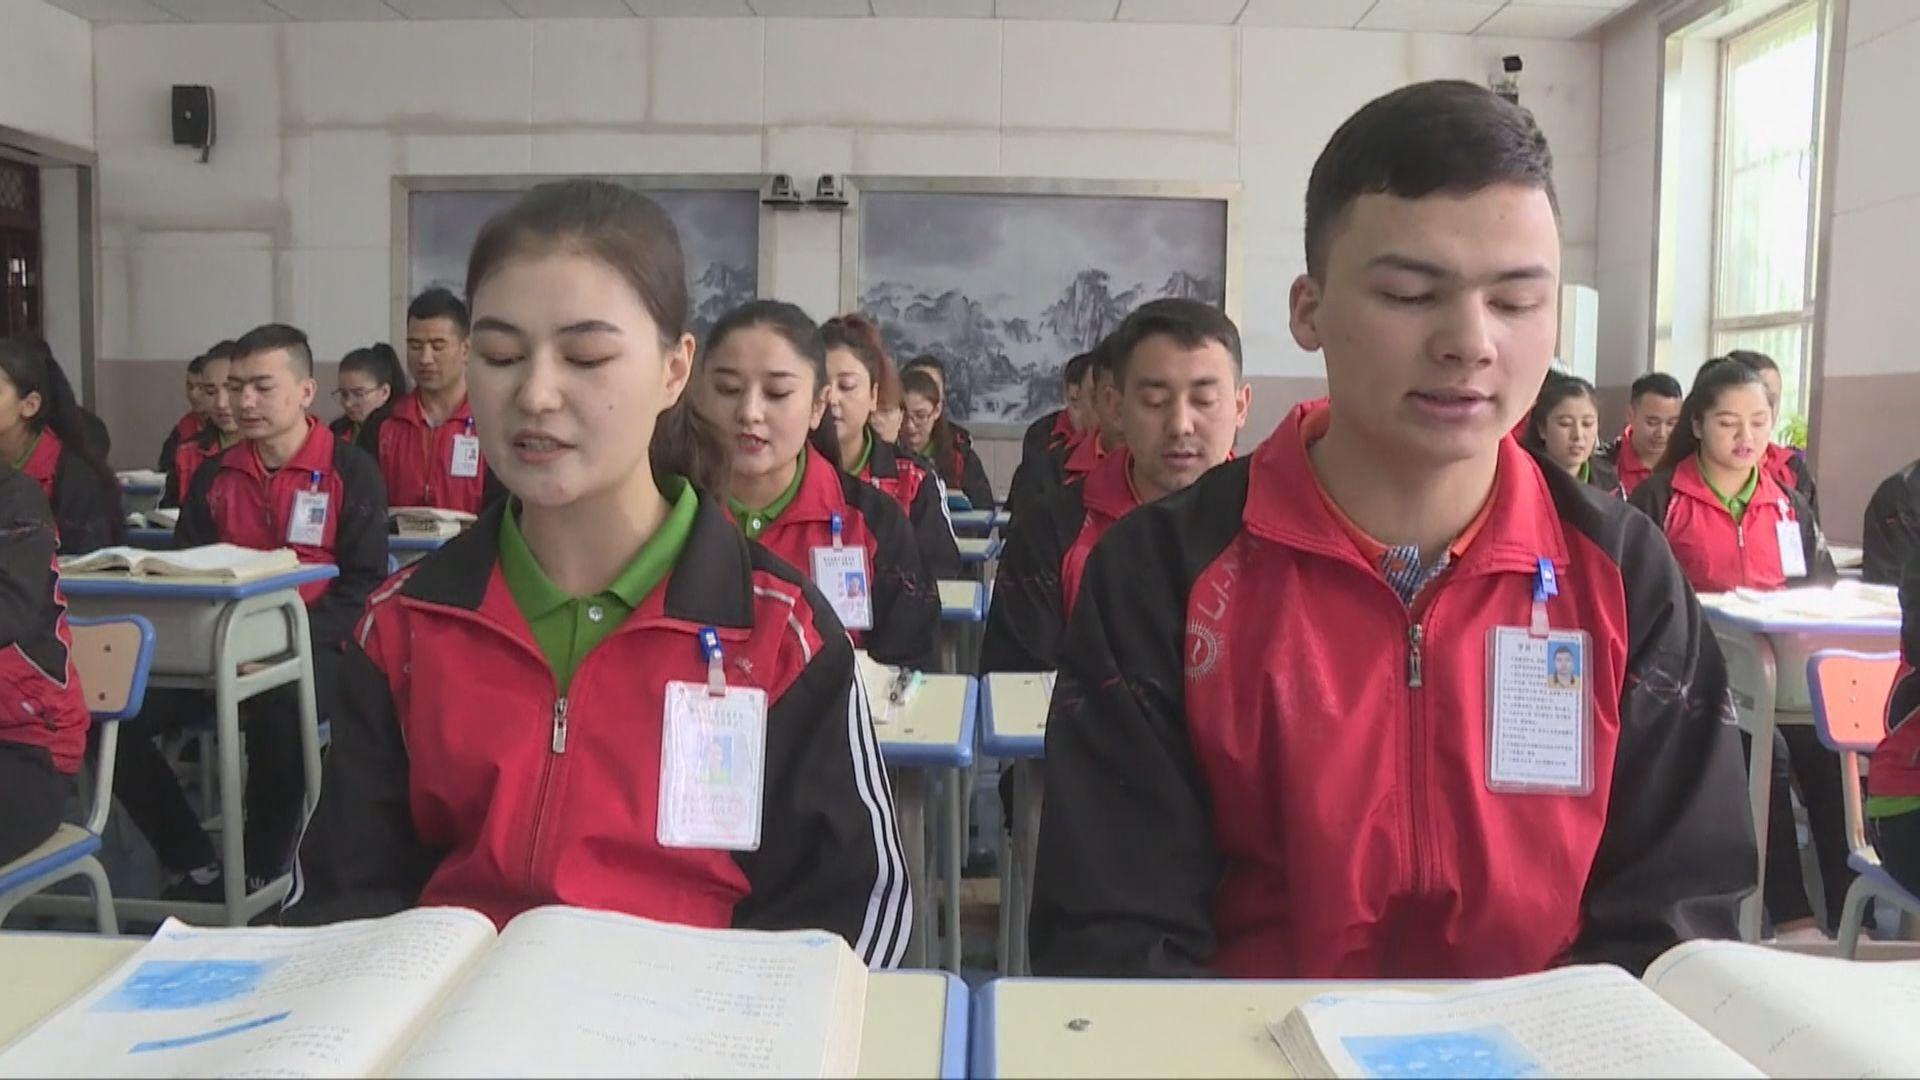 美國指確認中國在新疆對維吾爾人進行種族滅絕